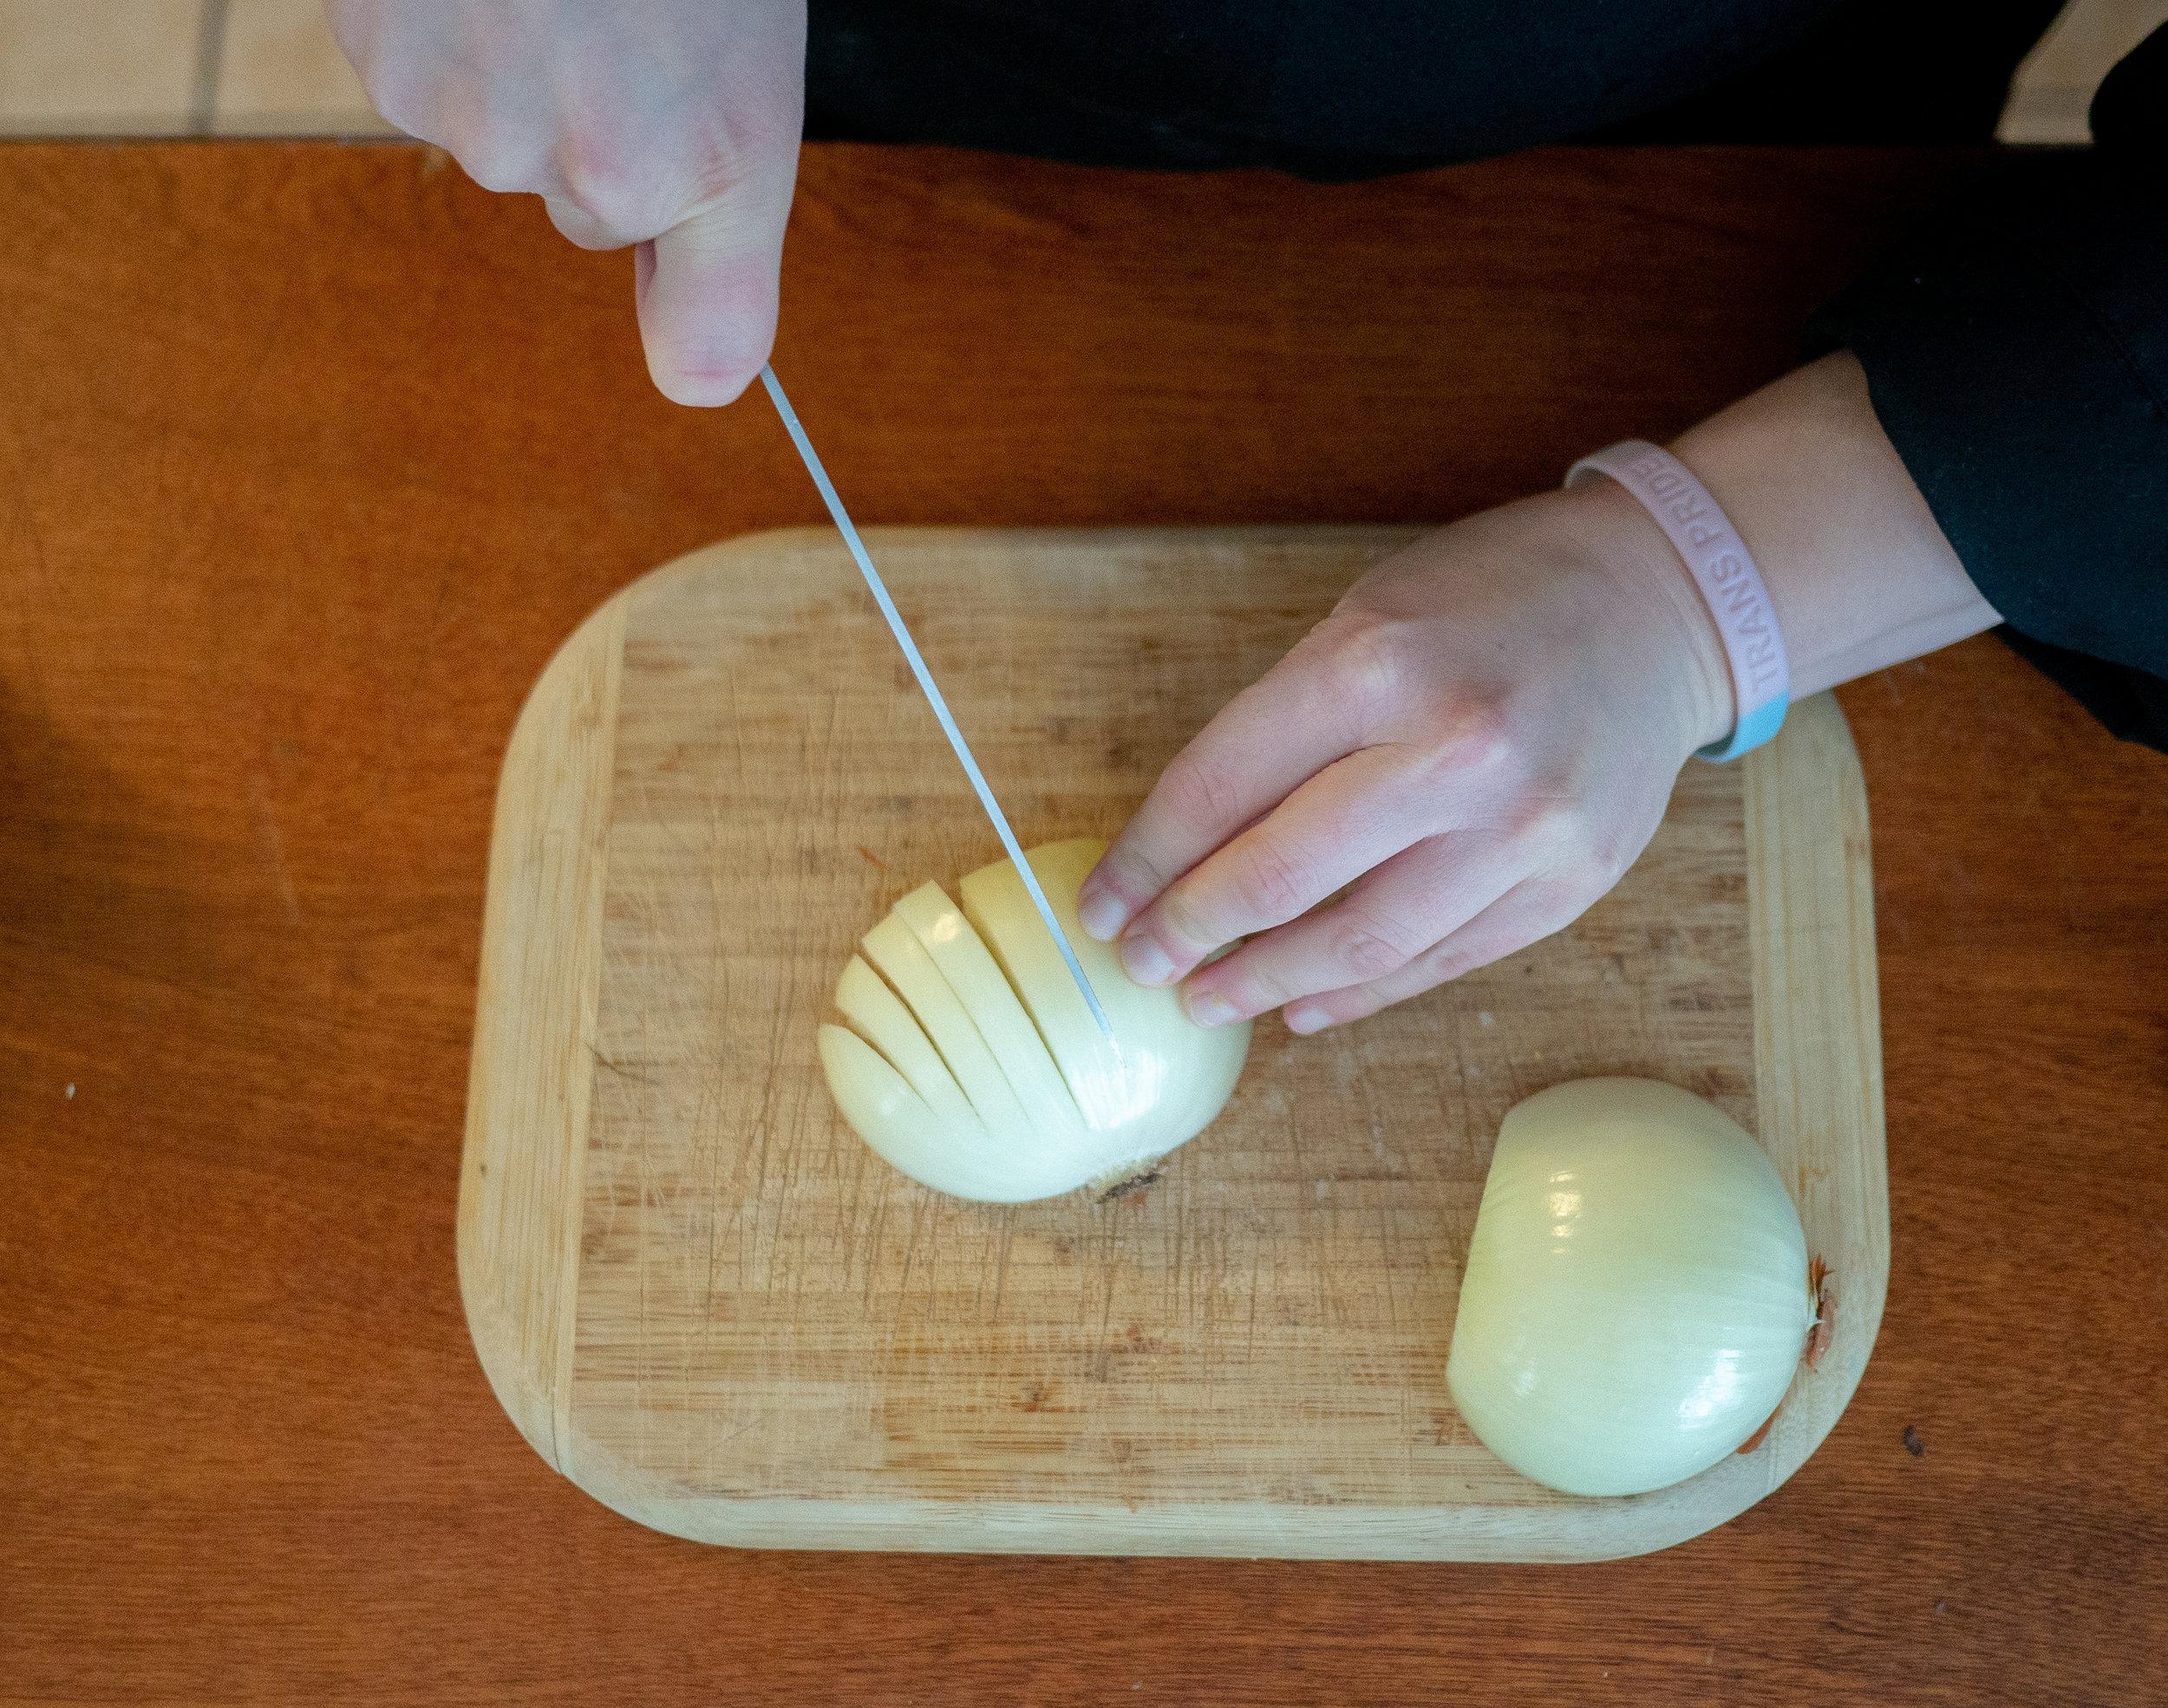 someone cutting an onion on a cutting board